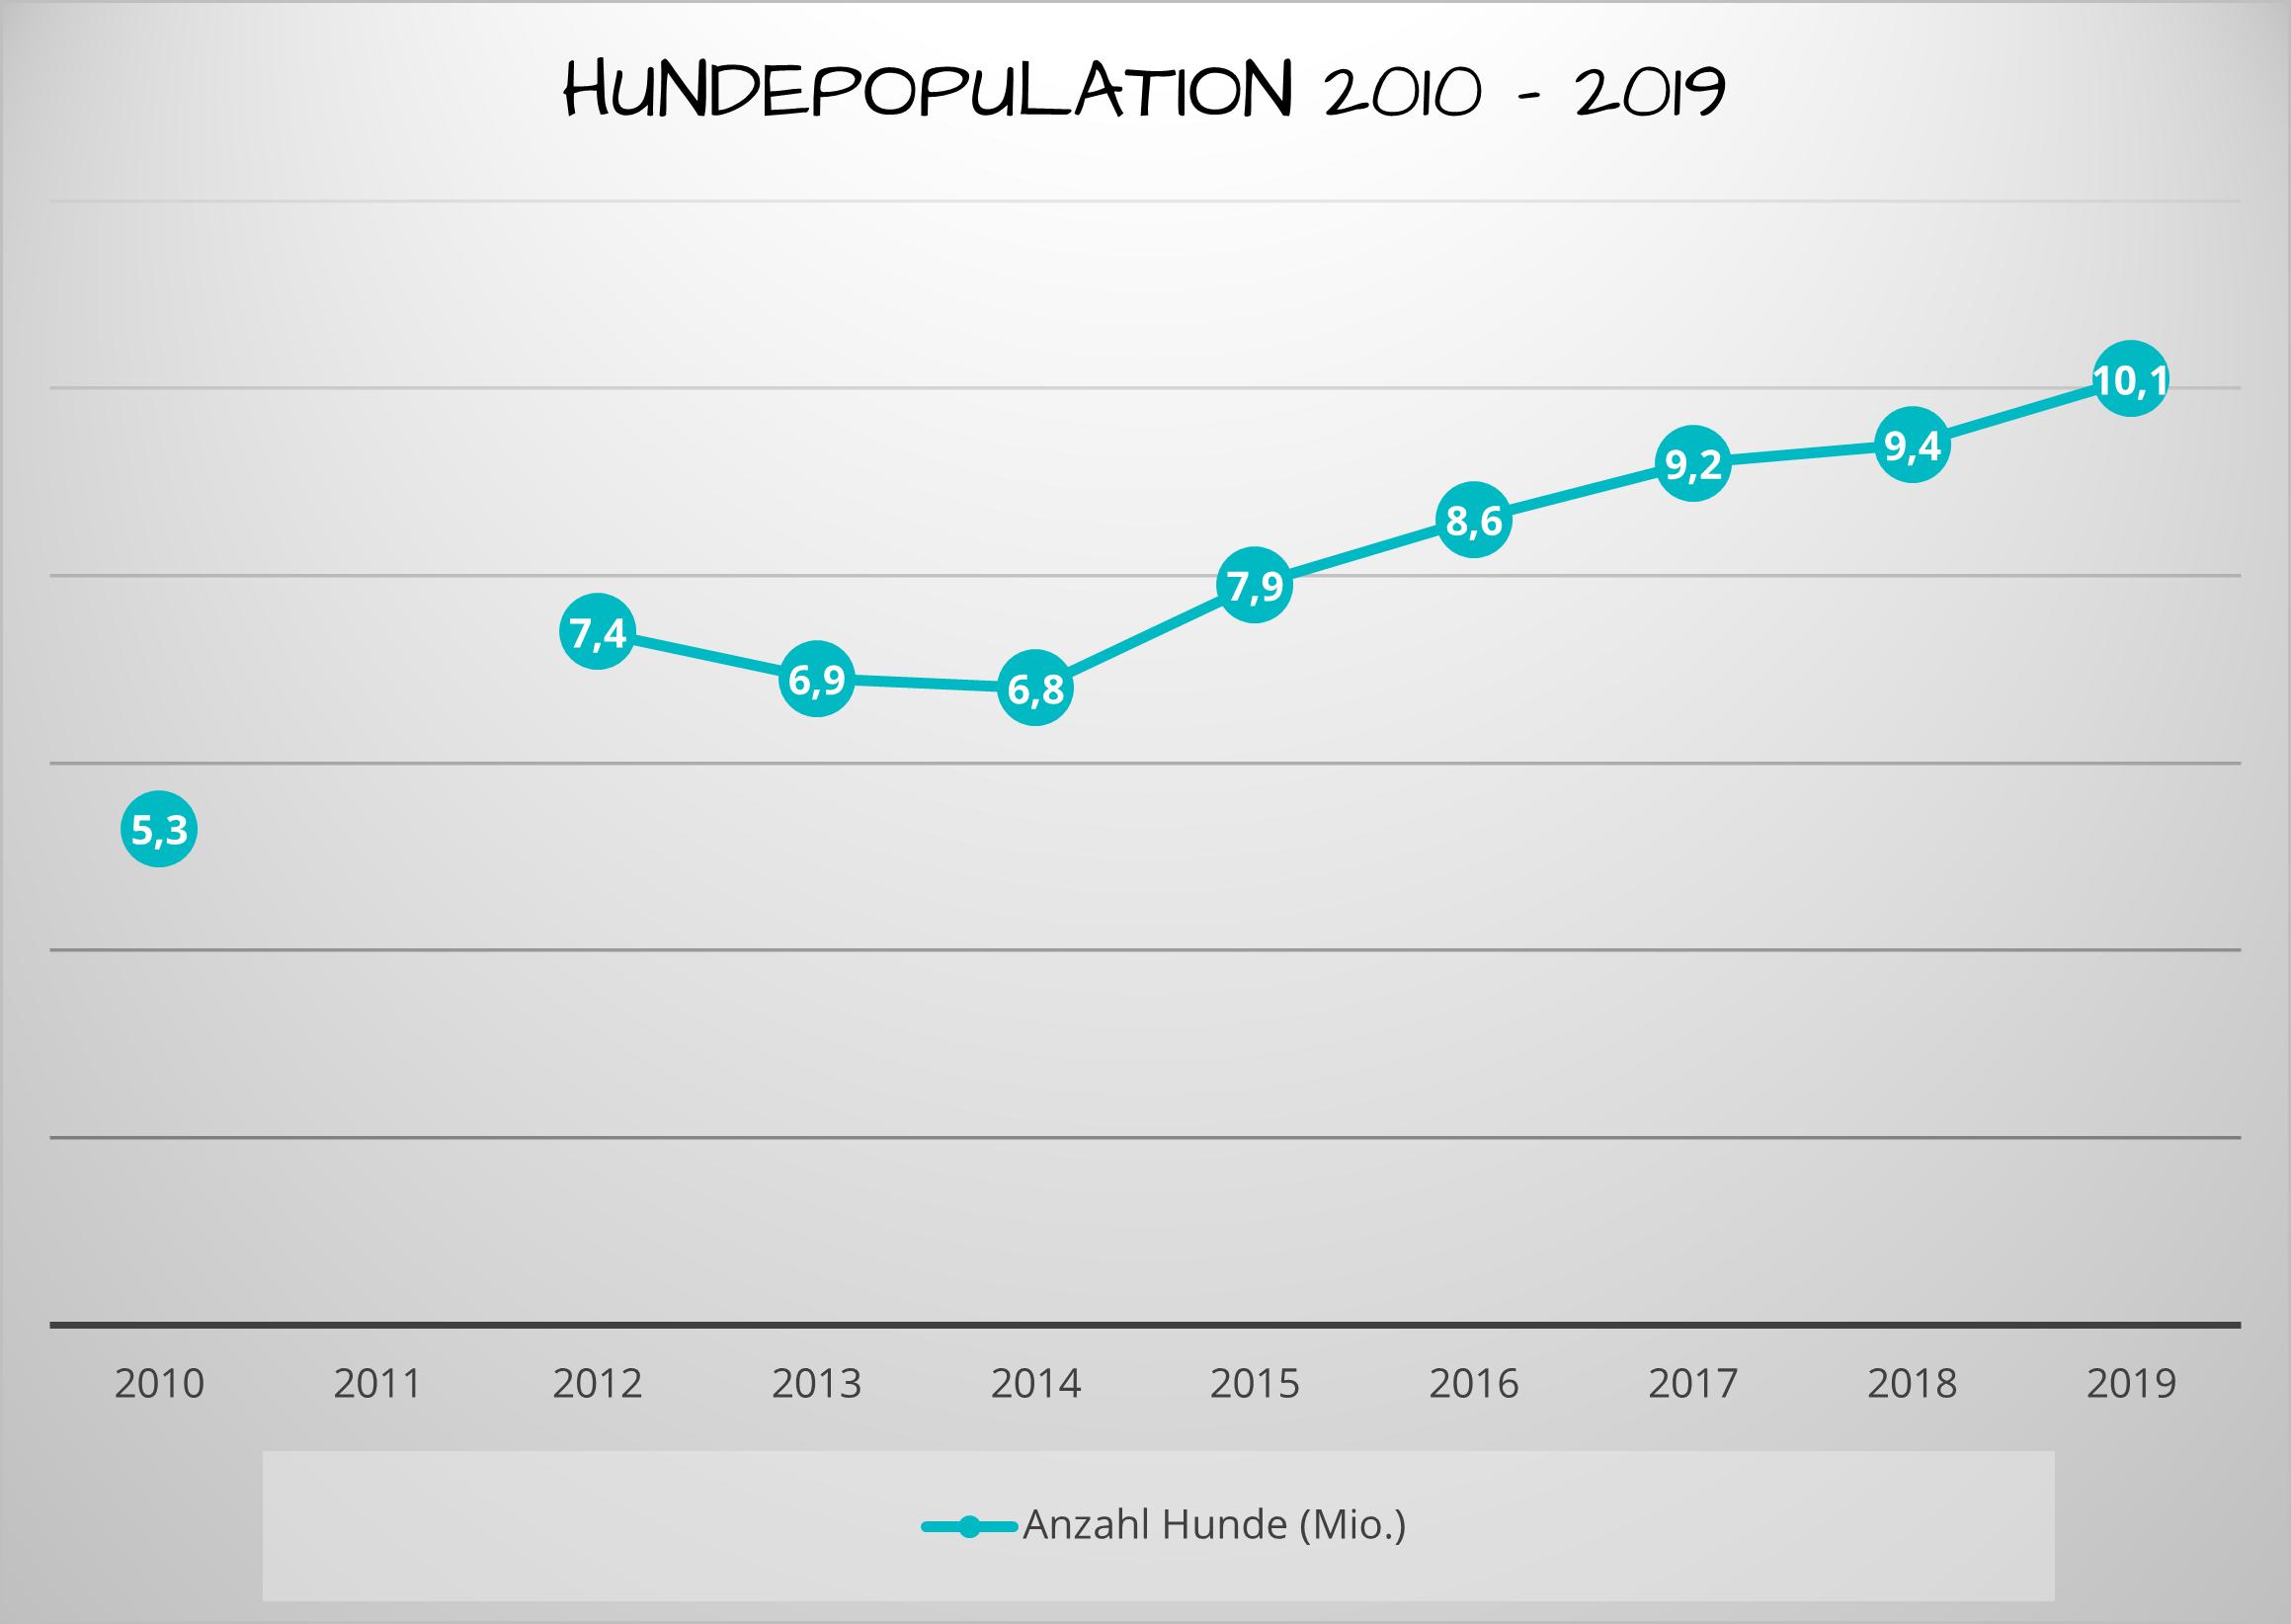 Hundepopulation 2010-2019 (Quelle: IVH/Statista)